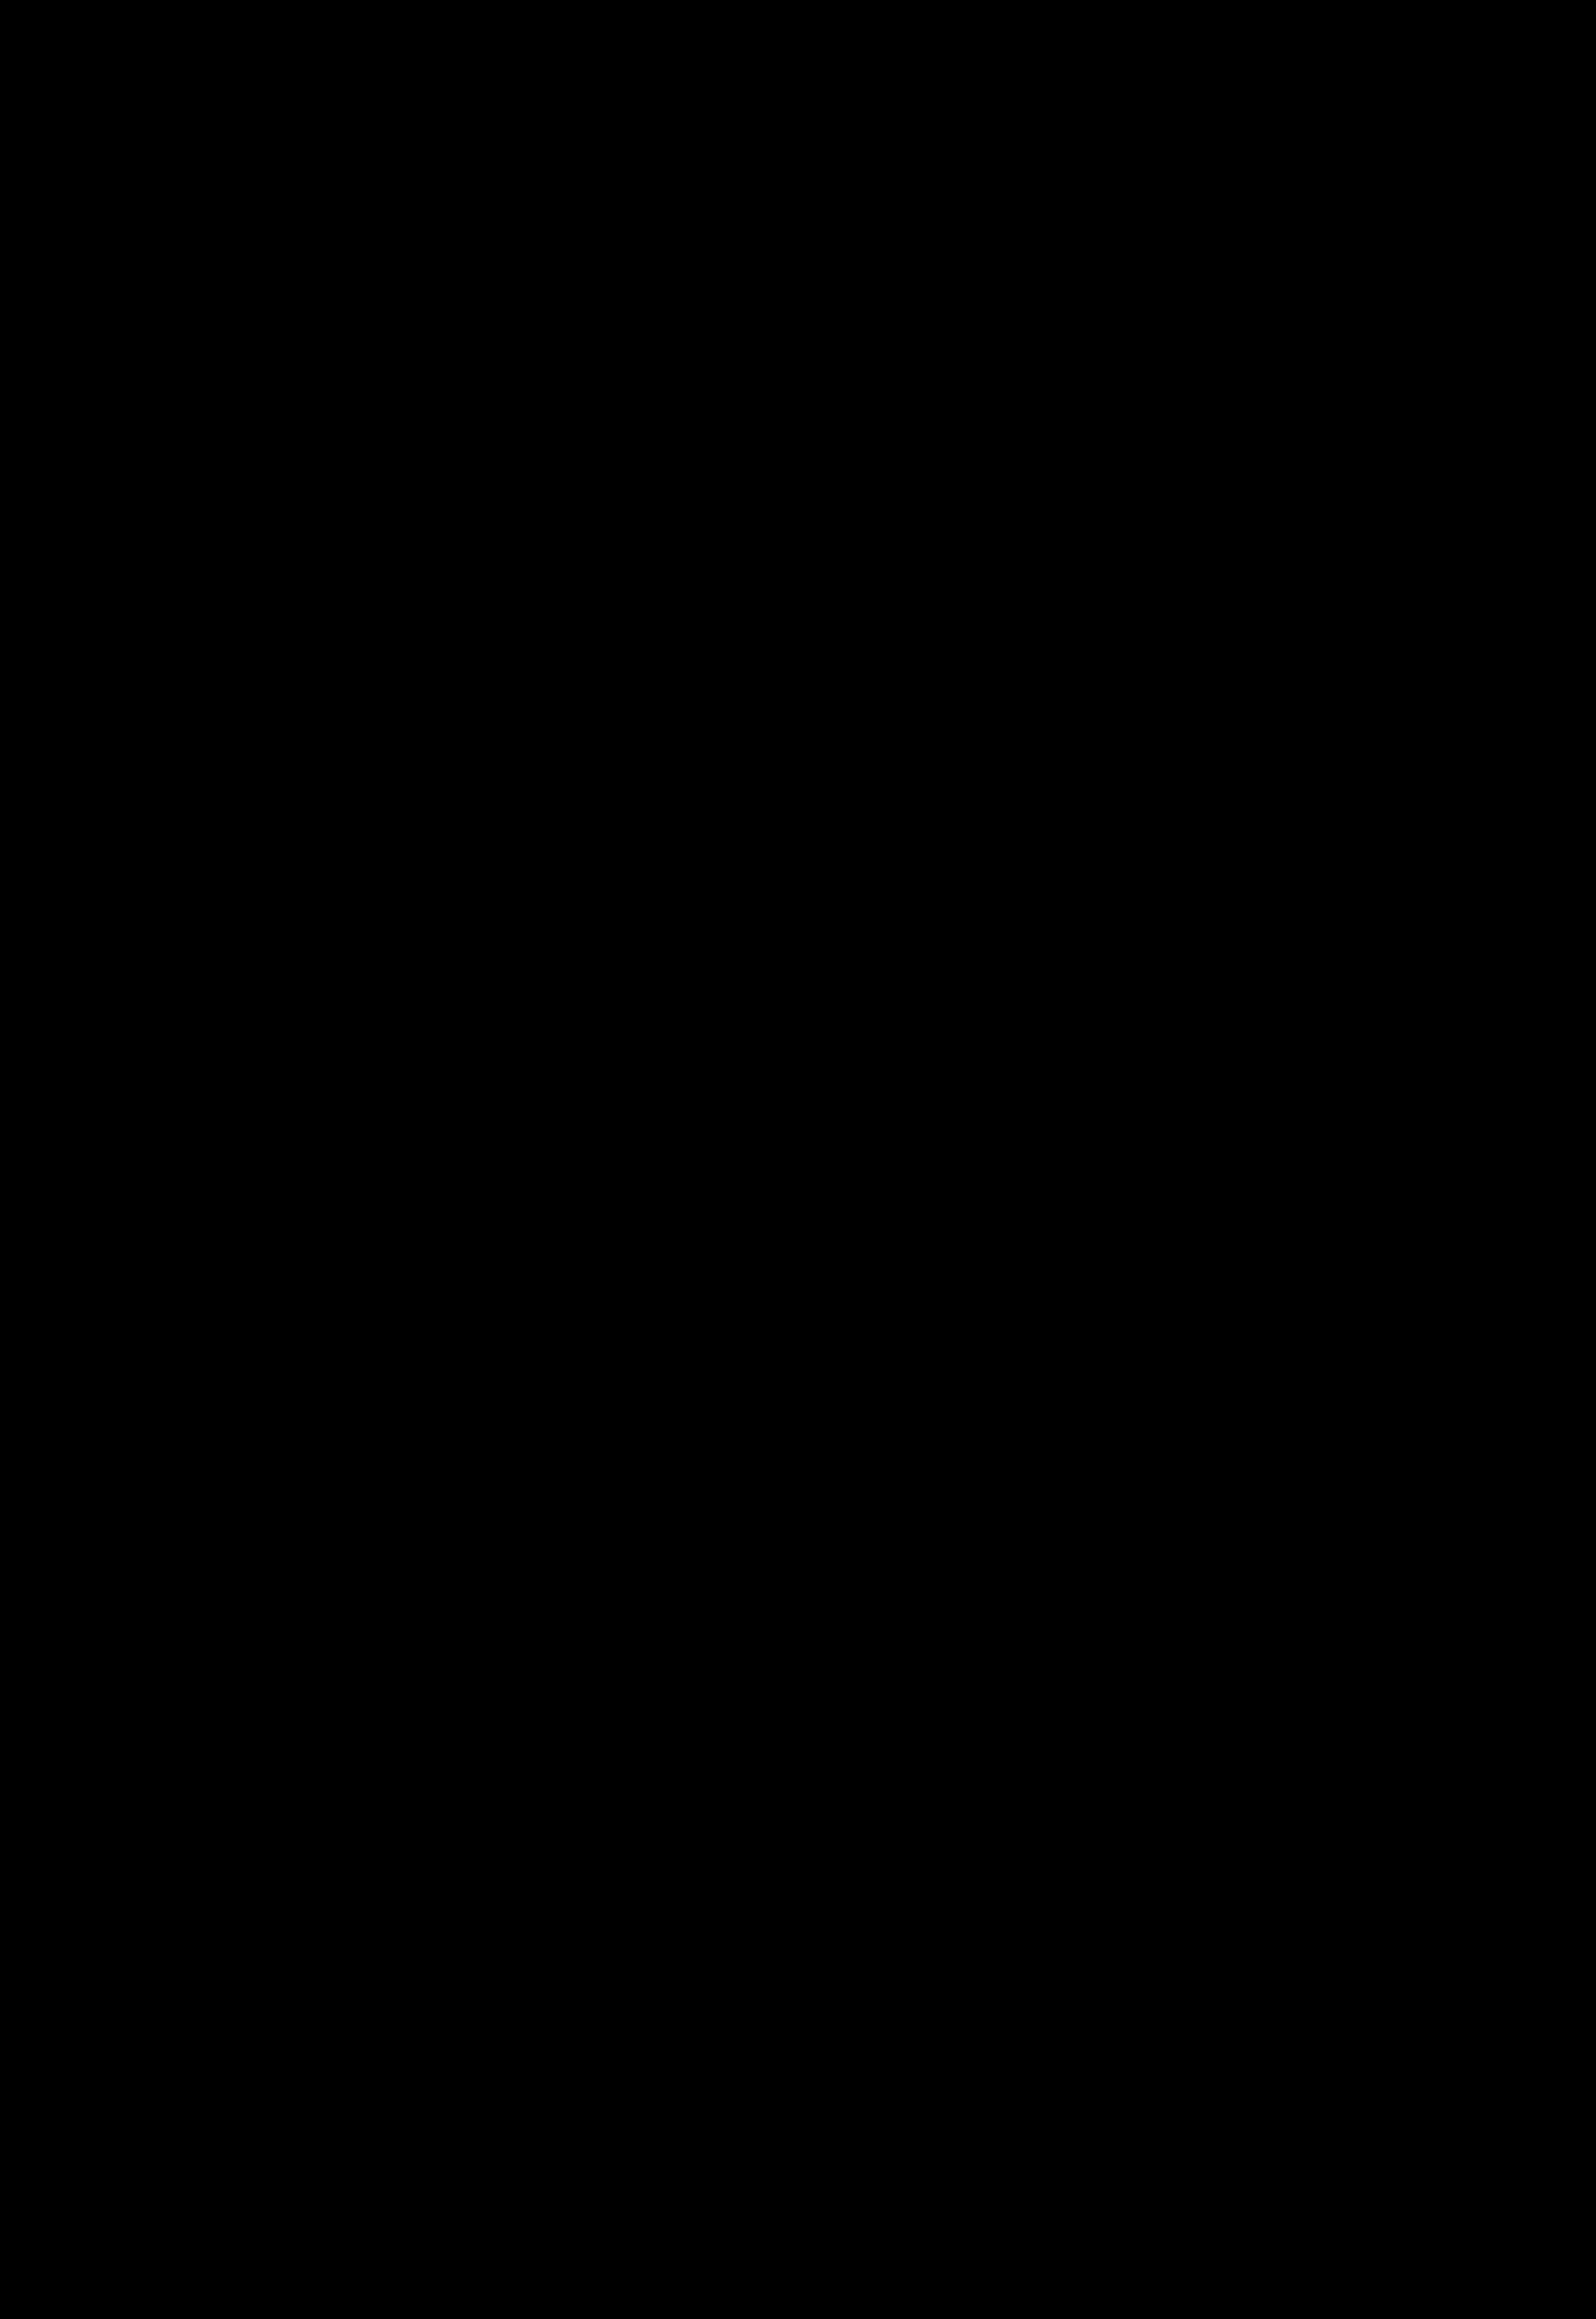 Wege des Sozialismus